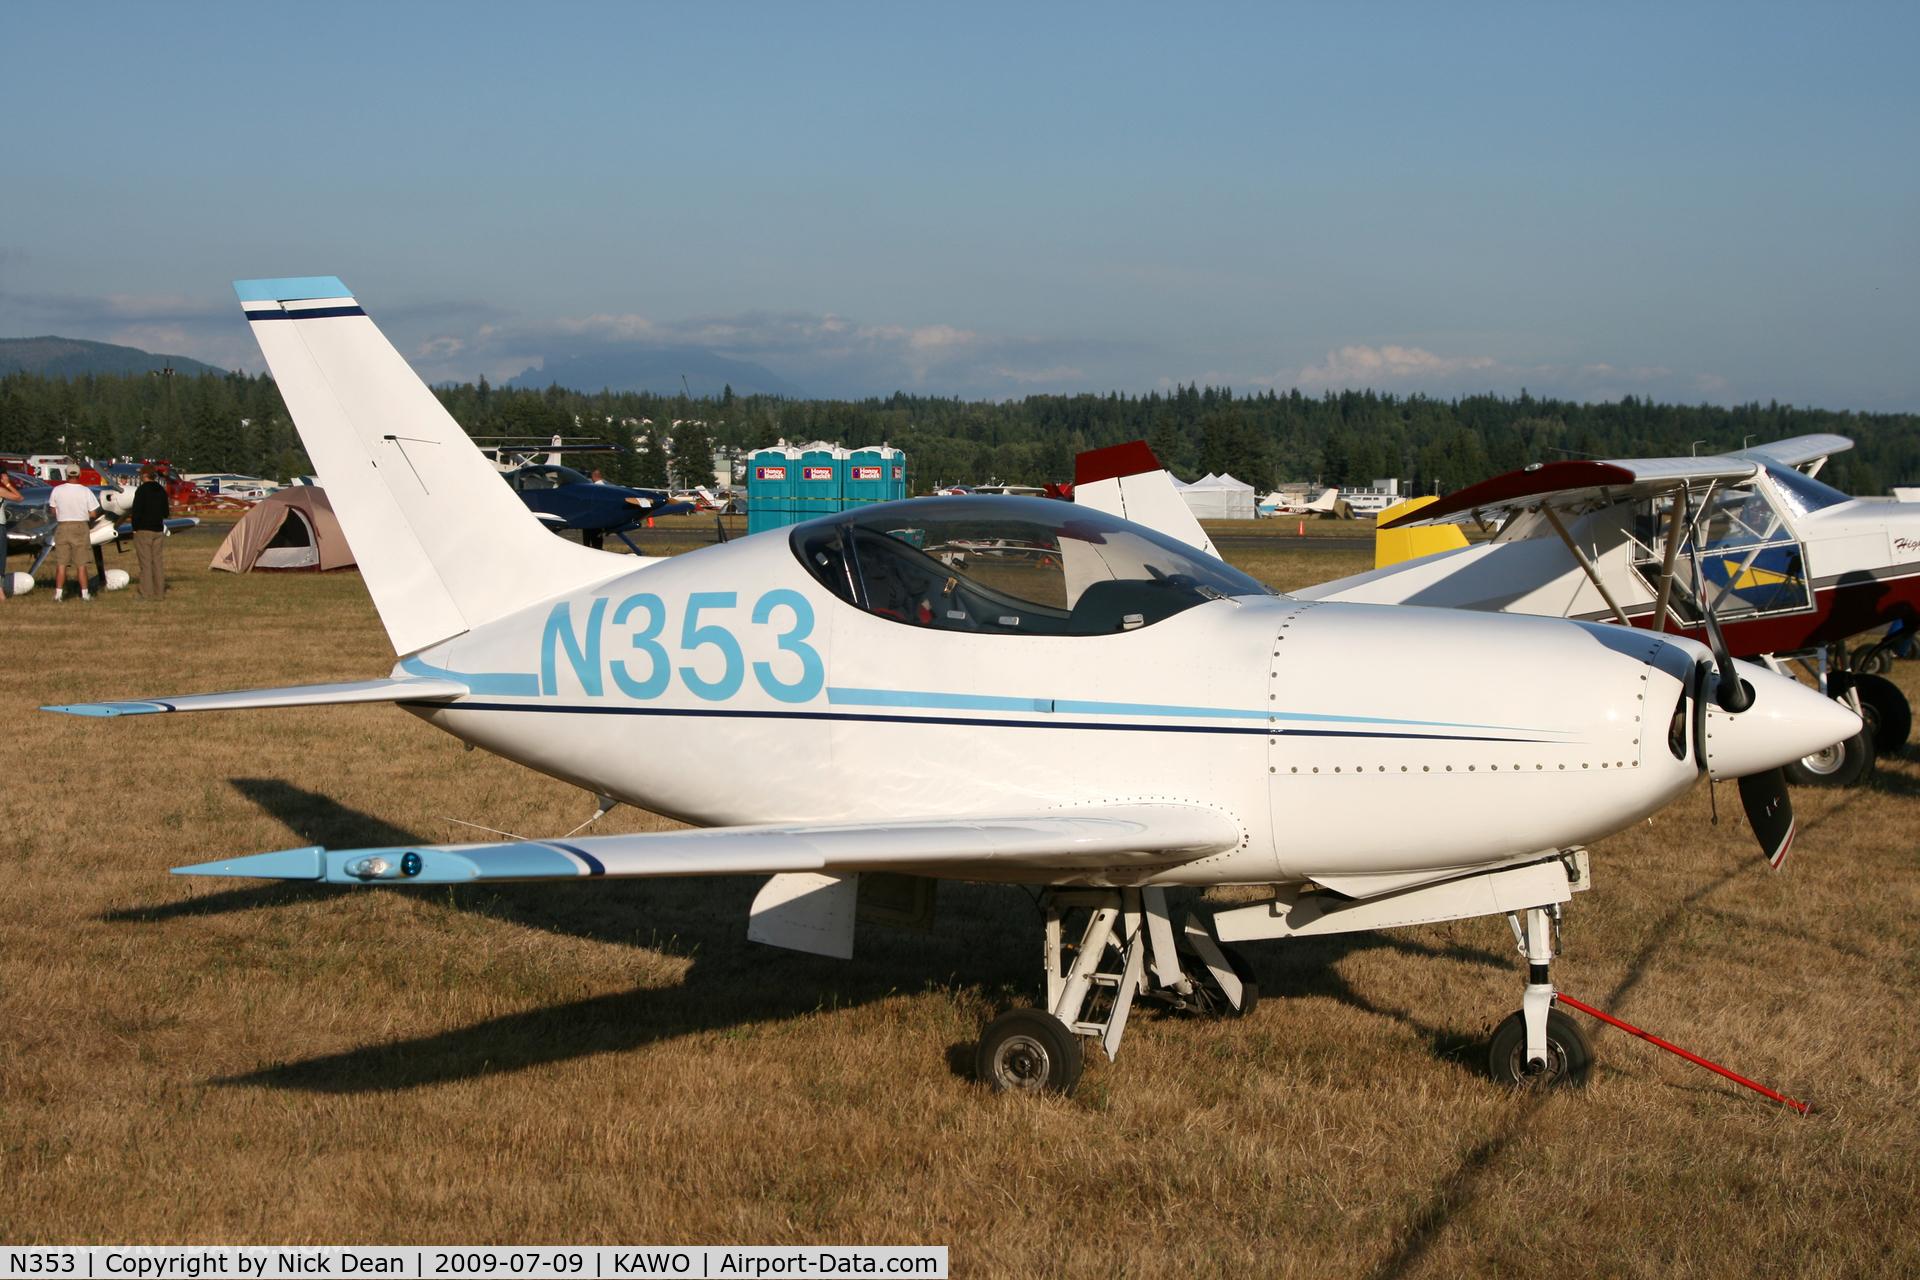 N353, 1999 Questair Venture 20 C/N AT-7, KAWO